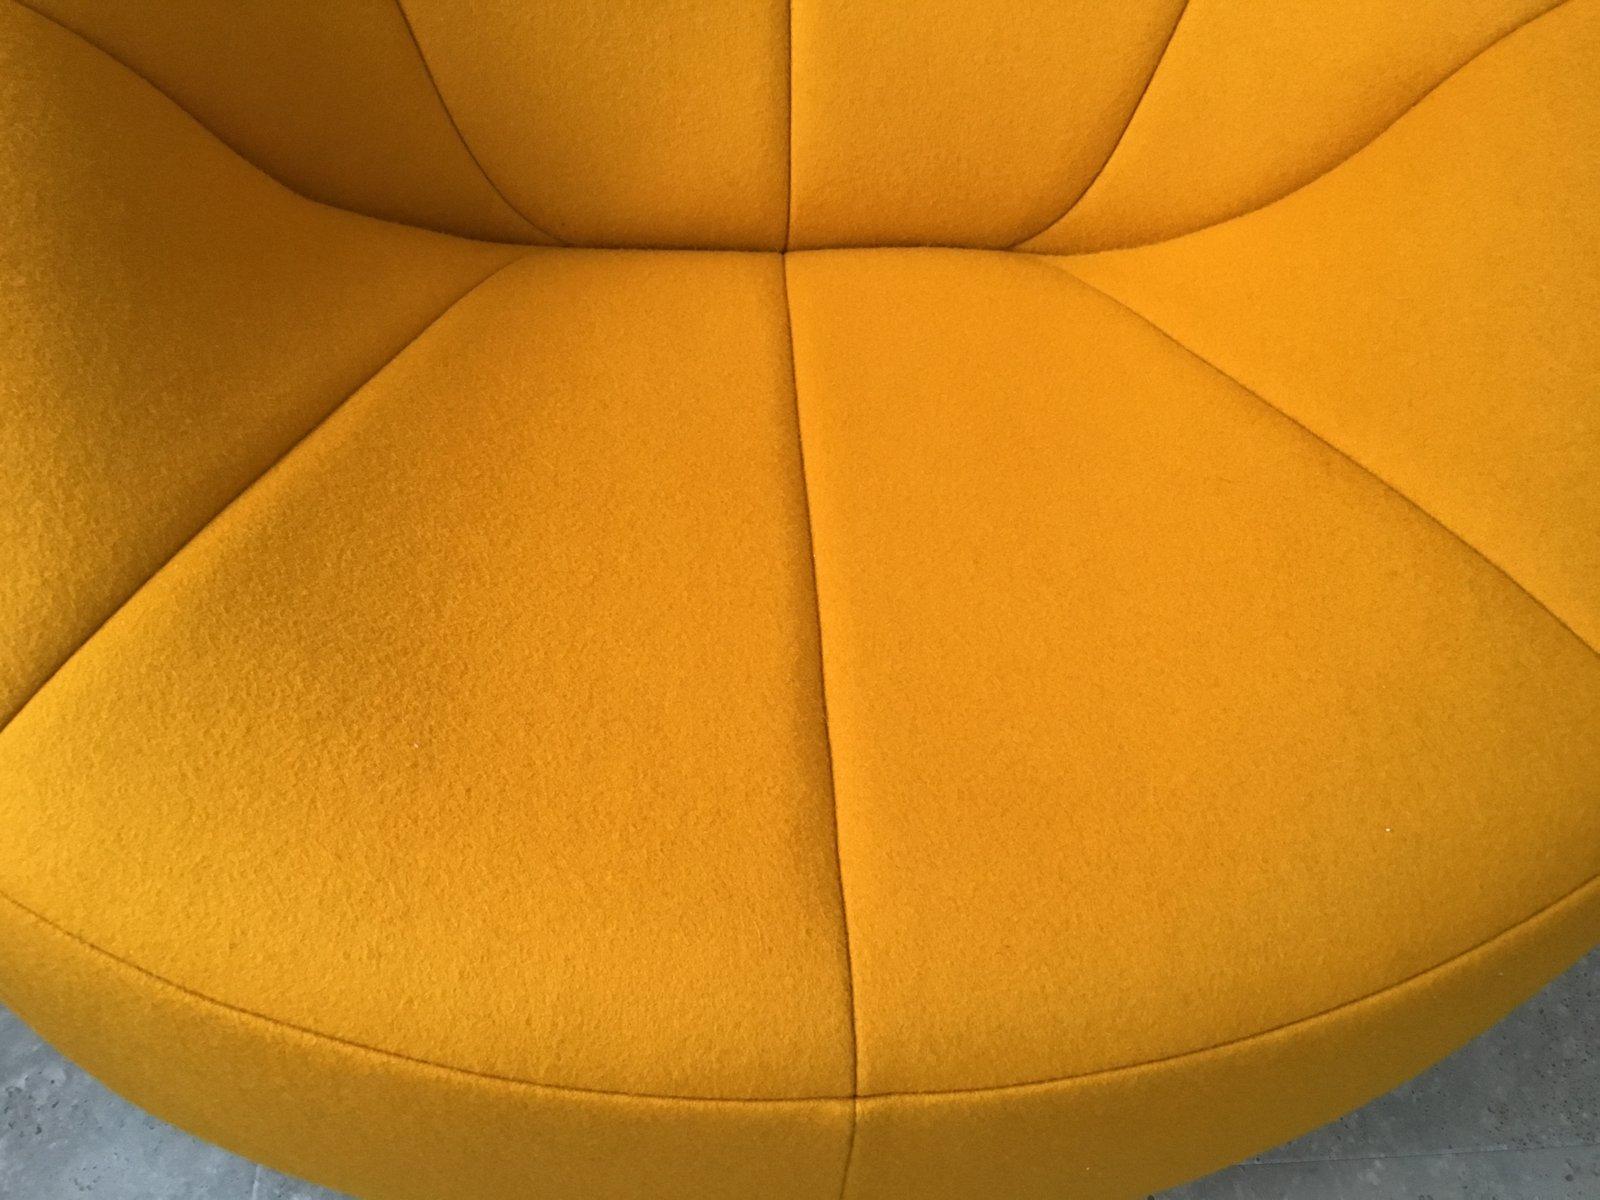 gelber mid century pumpkin sessel von pierre paulin f r ligne roset bei pamono kaufen. Black Bedroom Furniture Sets. Home Design Ideas